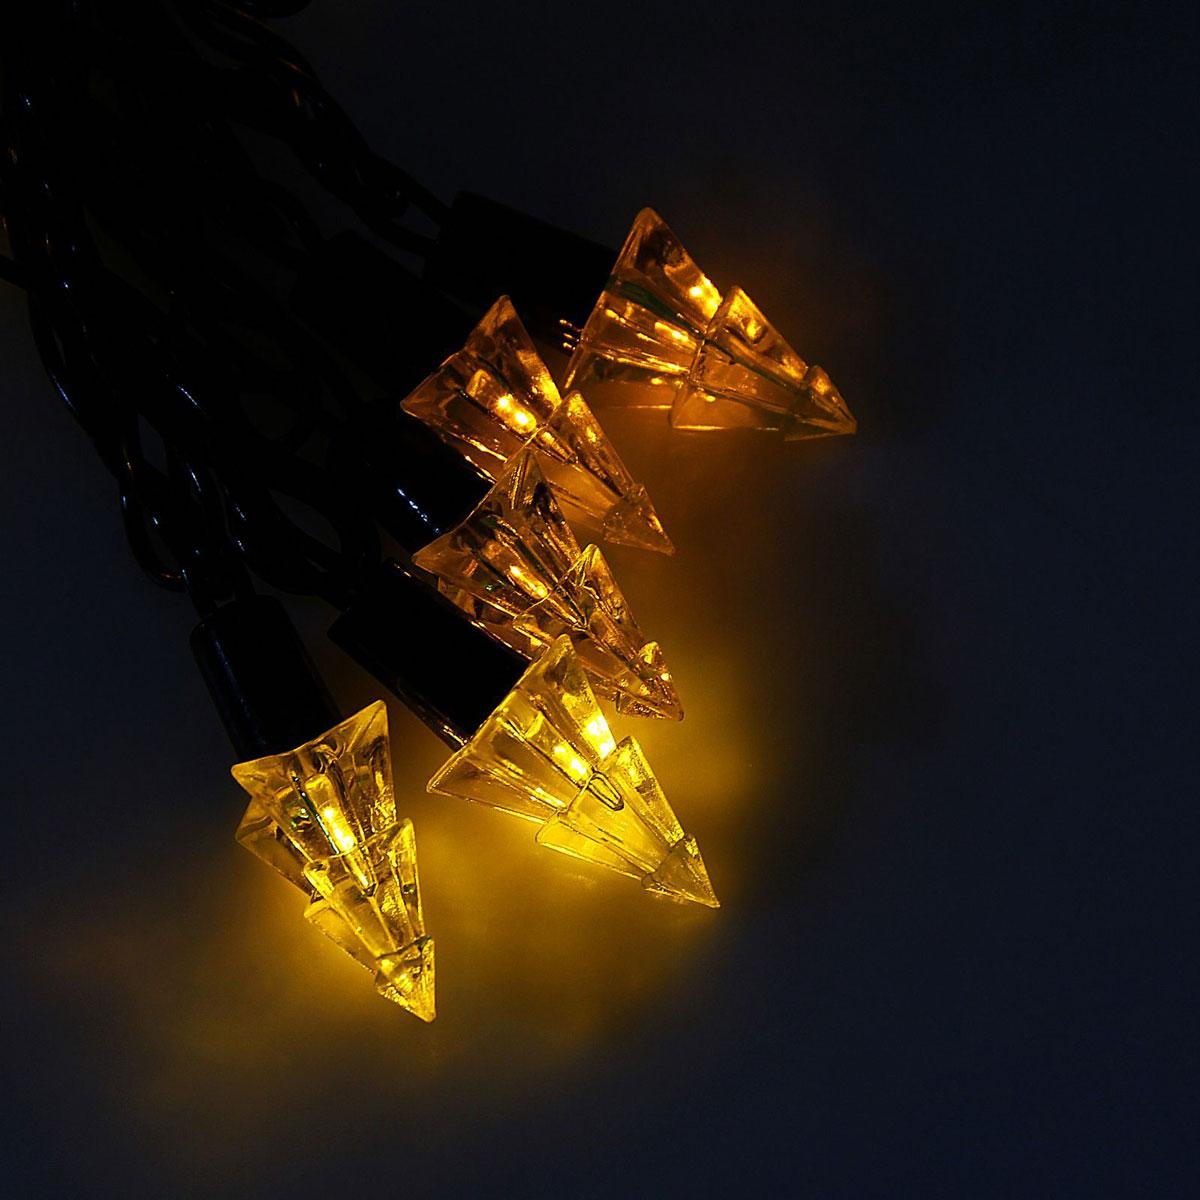 Гирлянда светодиодная Luazon Метраж. Елка маленькая, уличная с насадкой, 8 режимов, 40 ламп, 220 V, 5 м, цвет: желтый. 10800941080094Светодиодные гирлянды, ленты и т.д. — это отличный вариант для новогоднего оформления интерьера или фасада. С их помощью помещение любого размера можно превратить в праздничный зал, а внешние элементы зданий, украшенные ими, мгновенно станут напоминать очертания сказочного дворца. Такие украшения создают ауру предвкушения чуда. Деревья, фасады, витрины, окна и арки будто специально созданы, чтобы вы украсили их светящимися нитями.